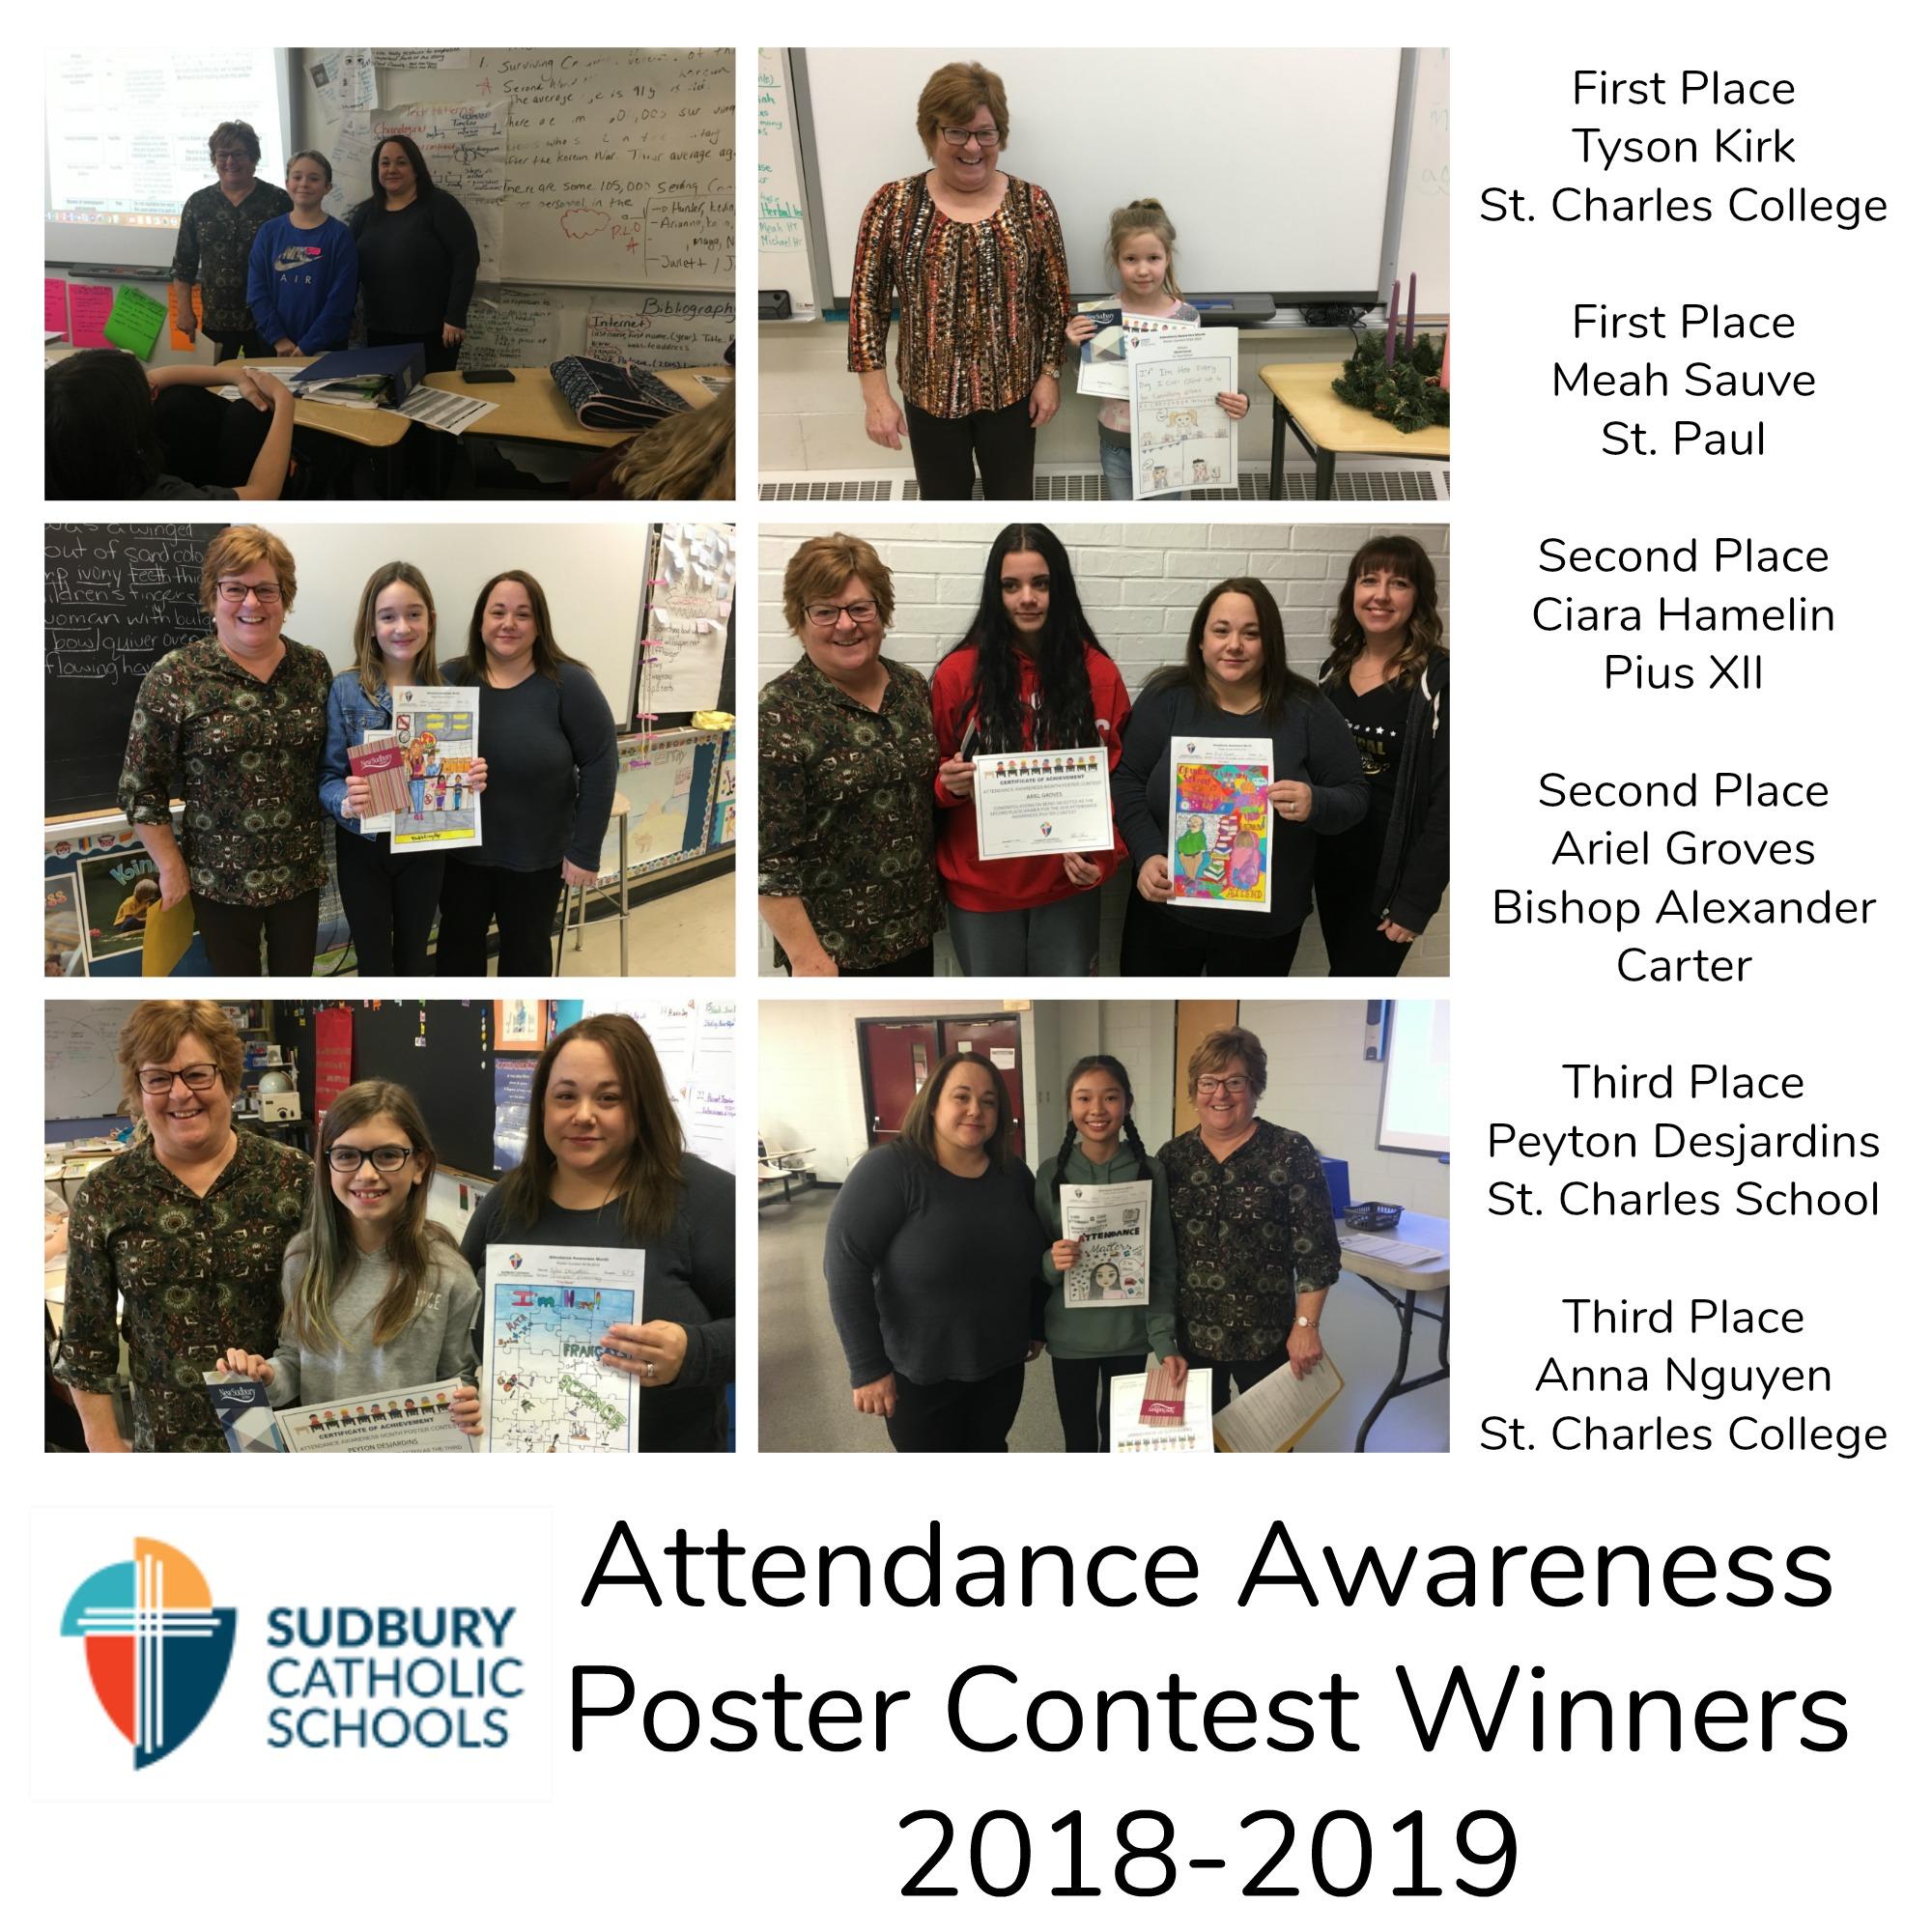 Attendance Awareness Poster winners announced!